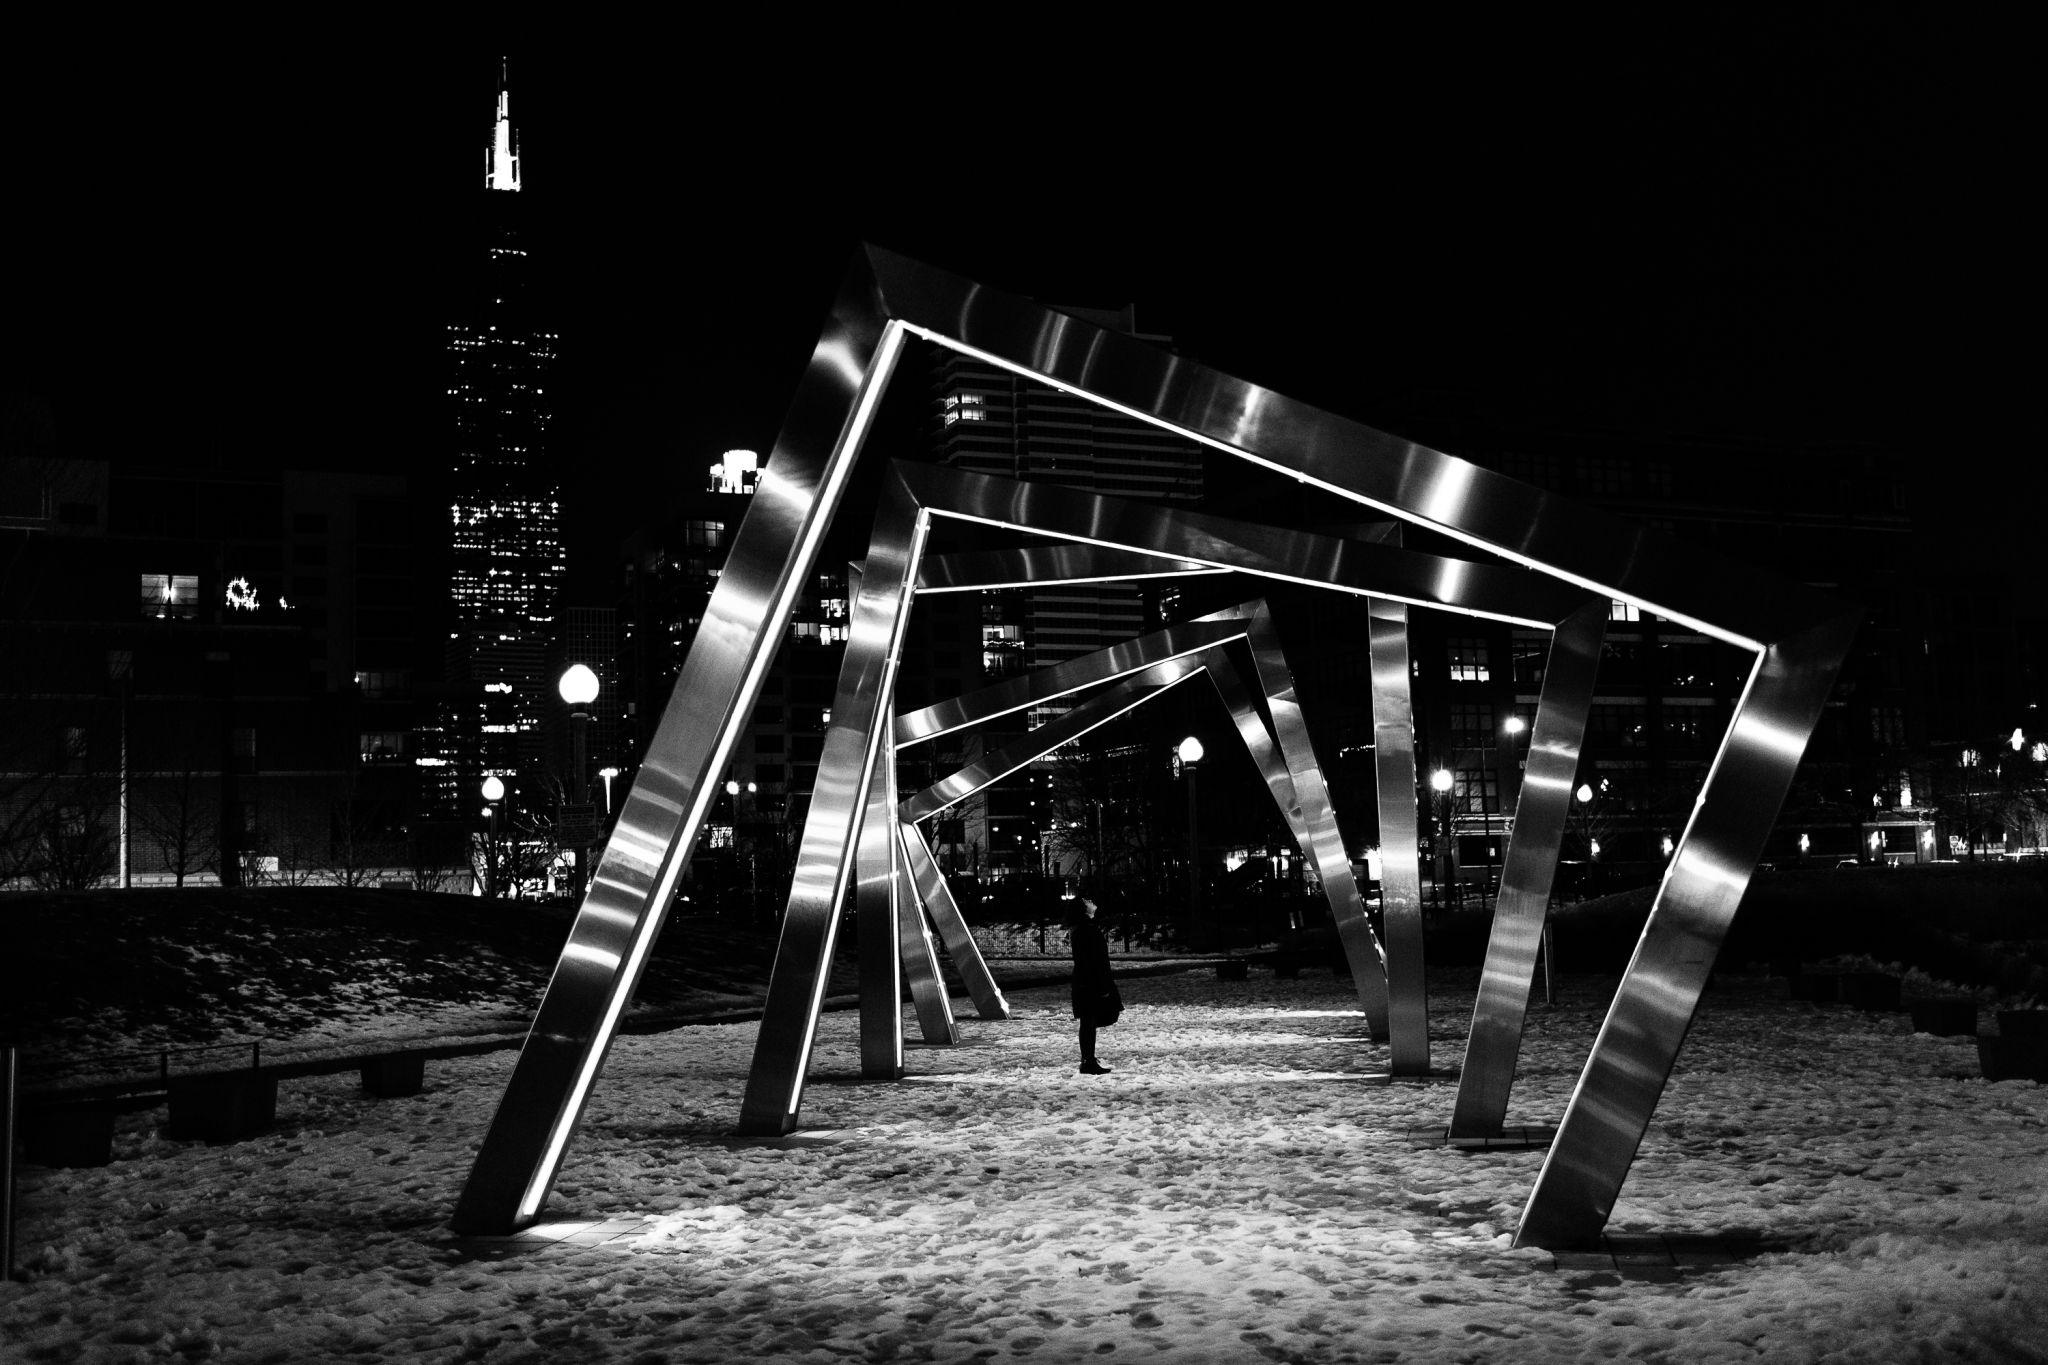 Mary Bartelme Park, Chicago, USA